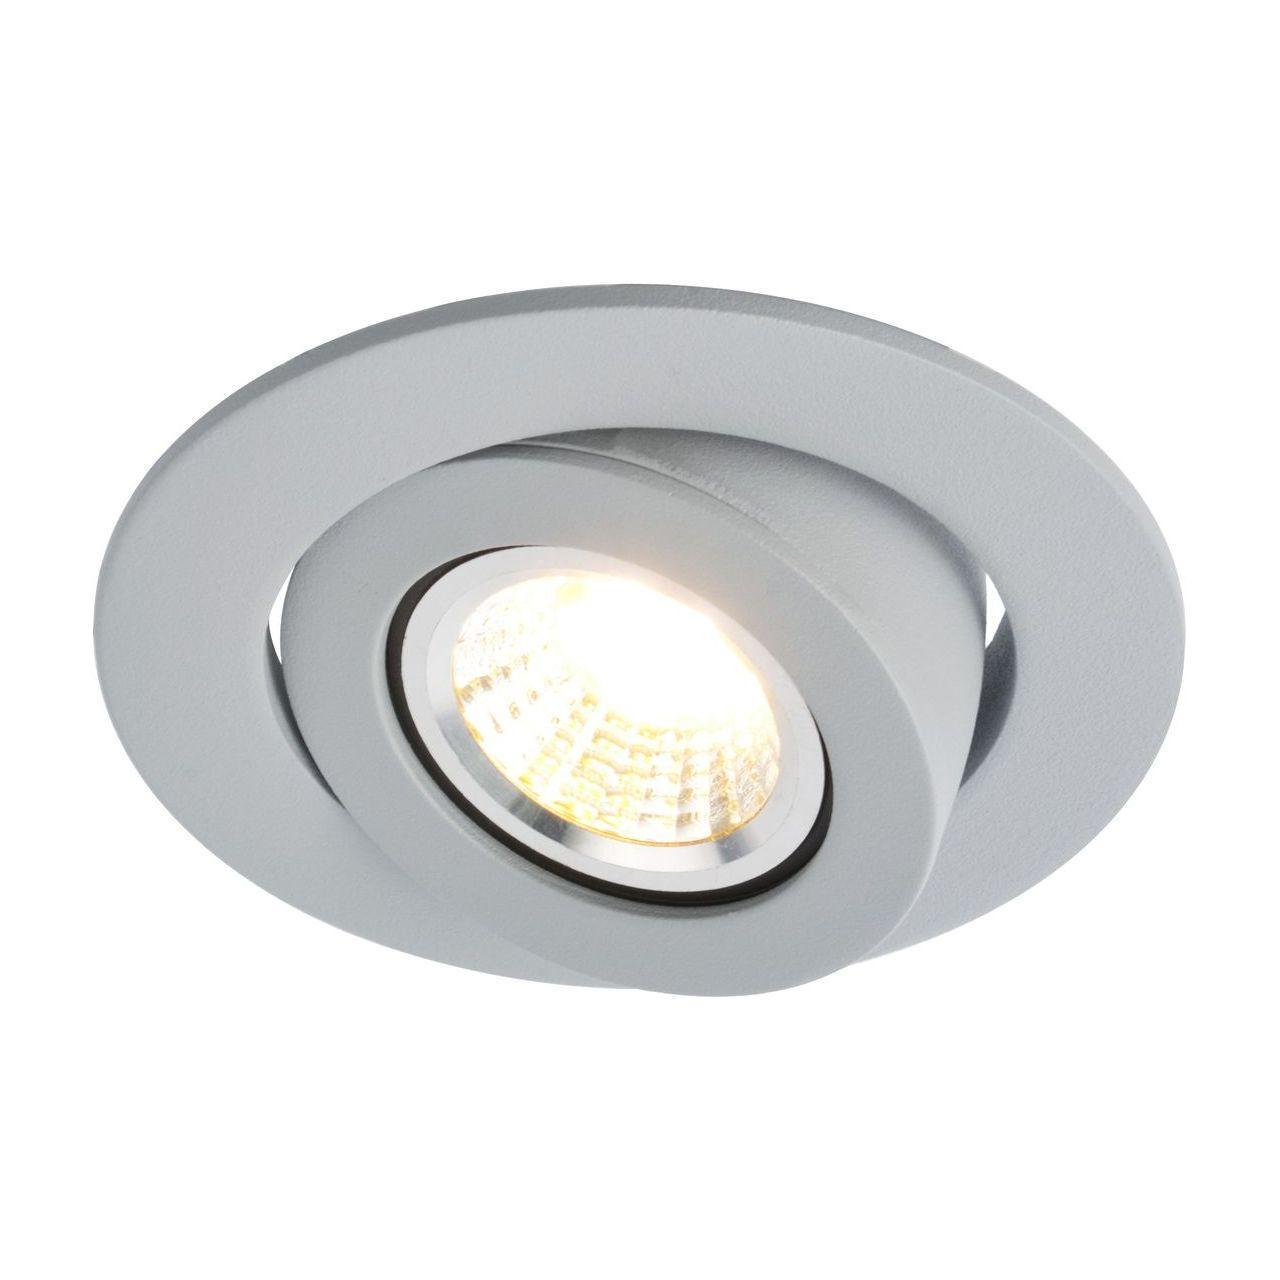 Встраиваемый светильник Arte Lamp Accento A4009PL-1GY встраиваемый светильник arte lamp accento a4009pl 1wh